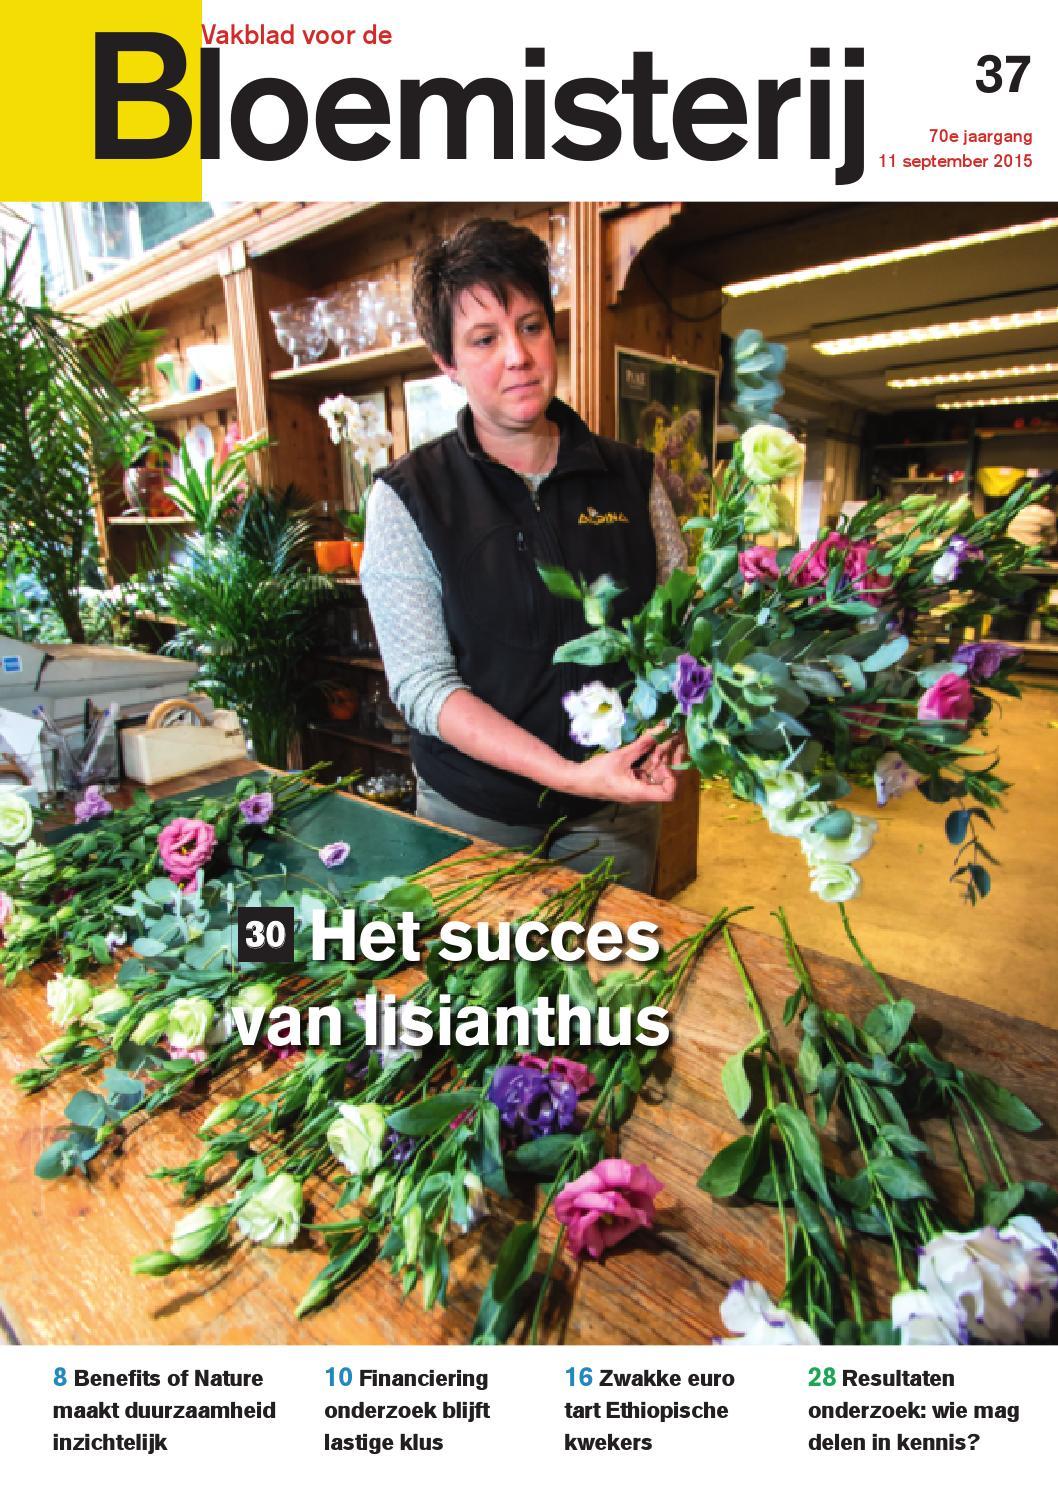 Bk week 06 15 by uitgeverij verhagen   issuu